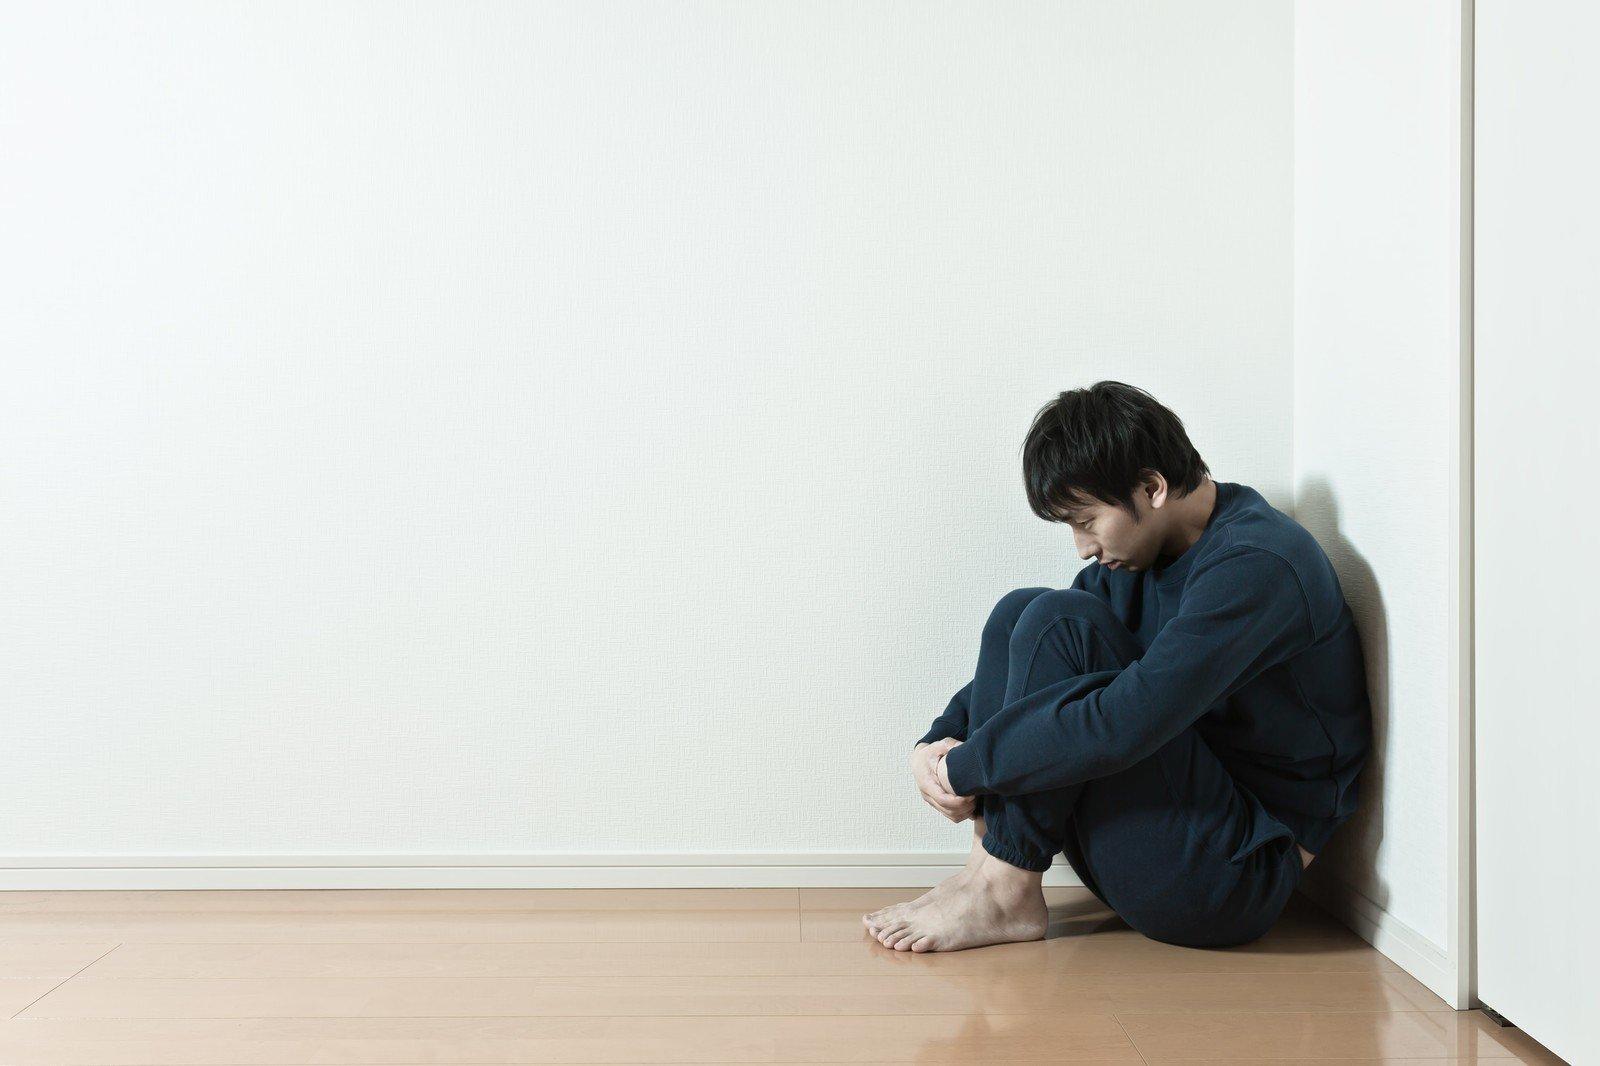 一人暮らしの寂しい夜に試してもらいたい5つの対処法